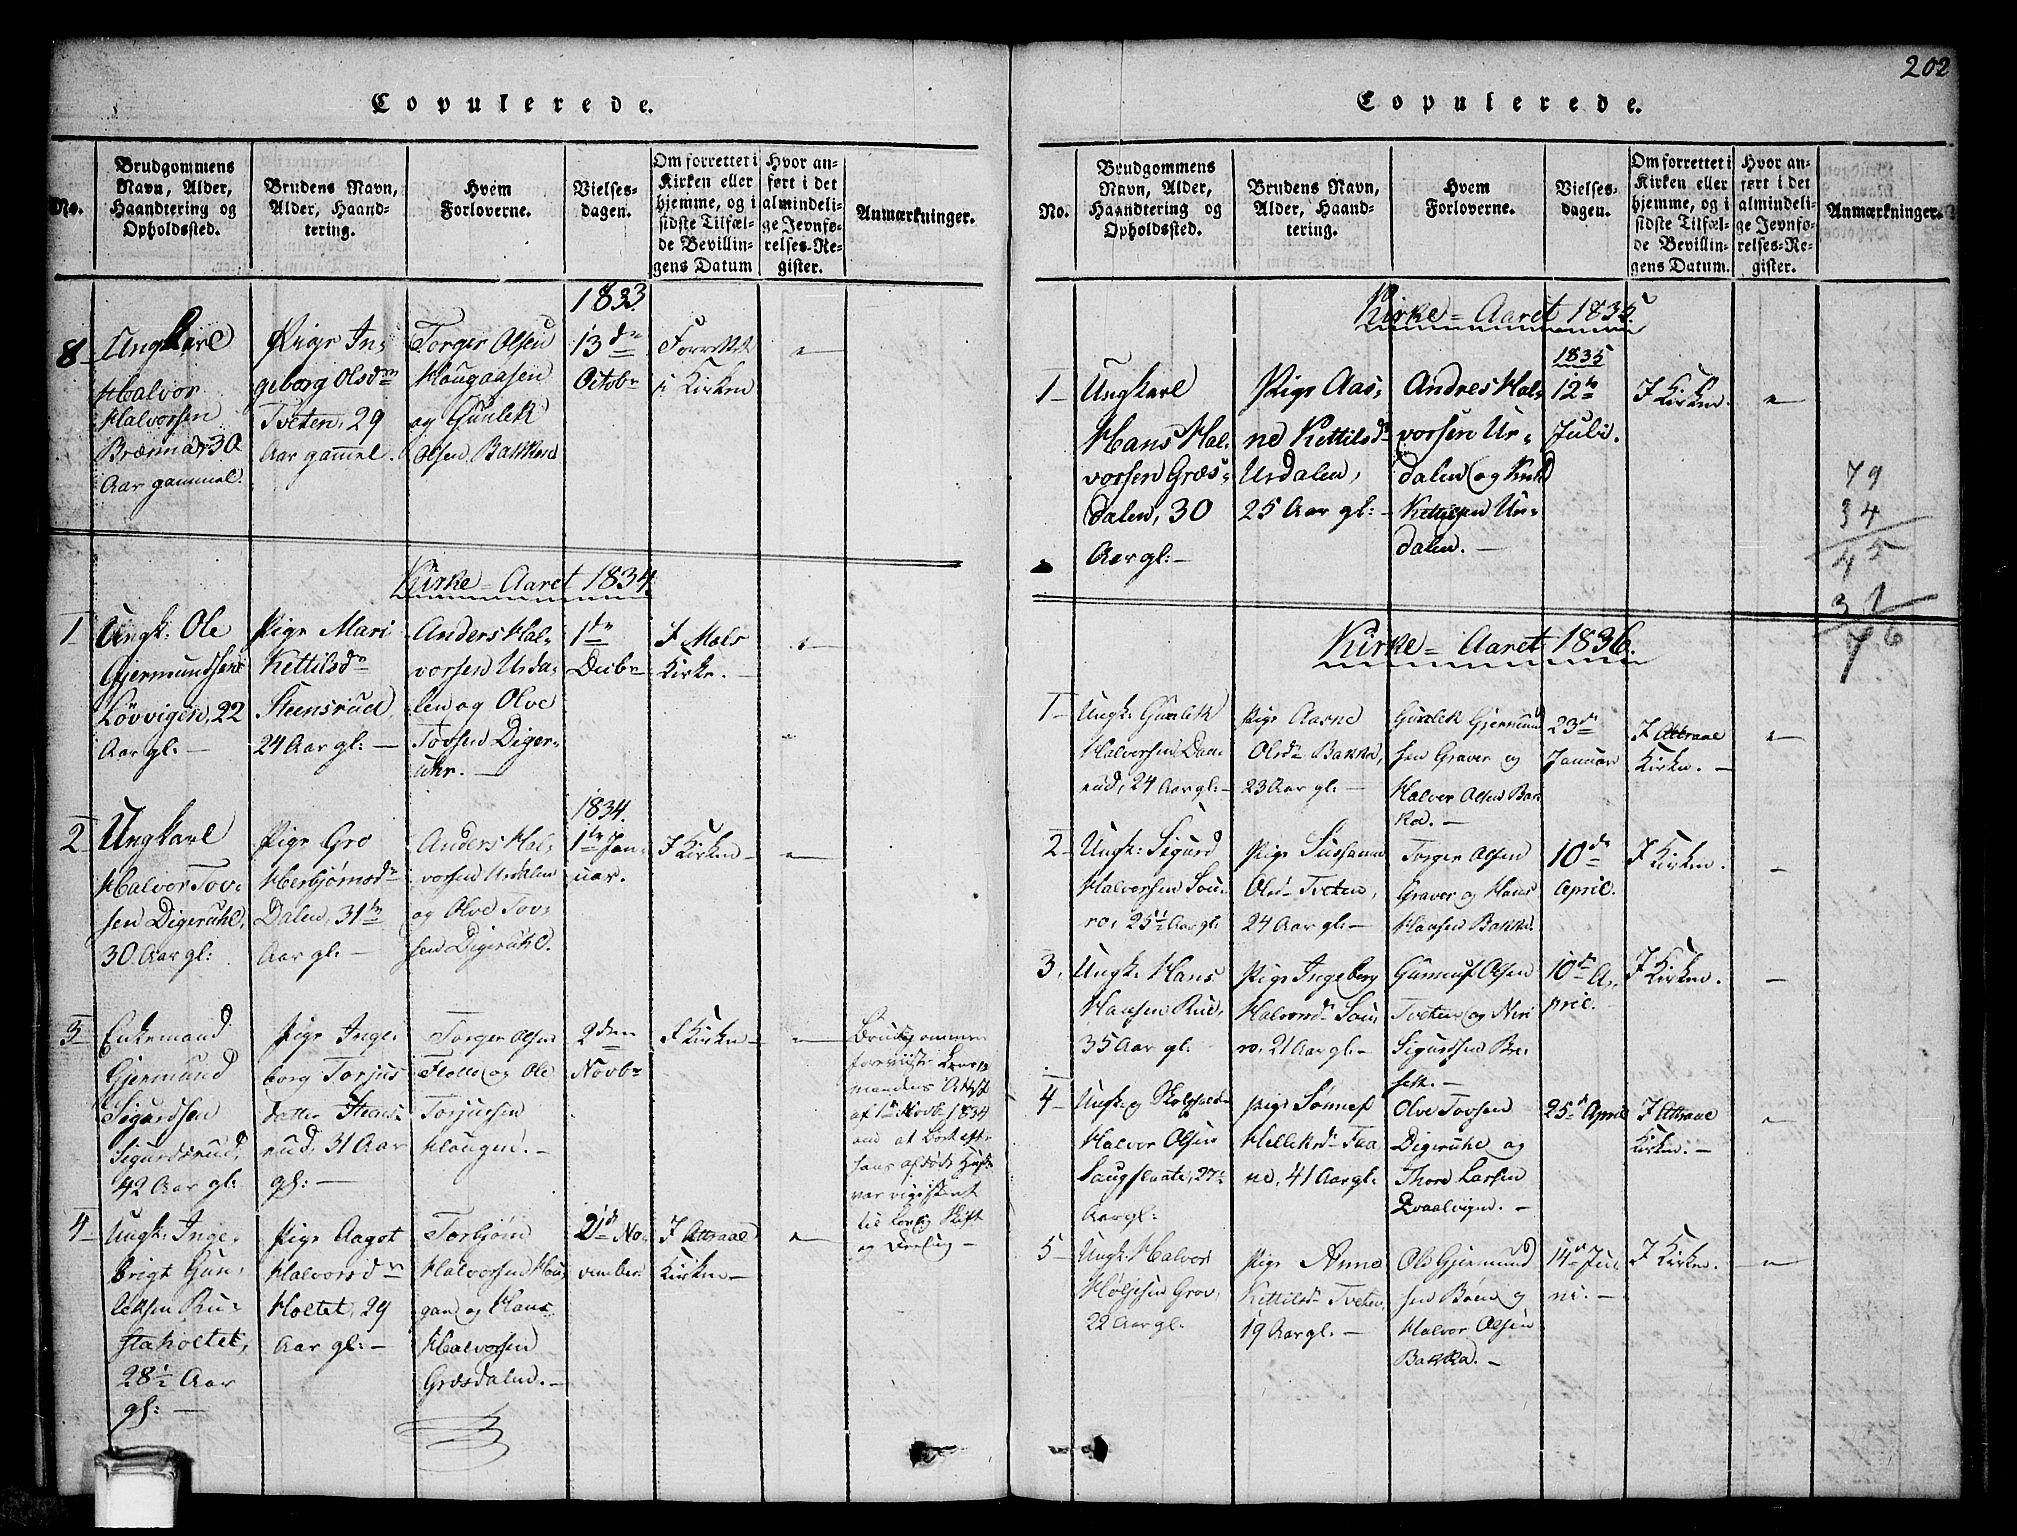 SAKO, Gransherad kirkebøker, G/Gb/L0001: Klokkerbok nr. II 1, 1815-1860, s. 202